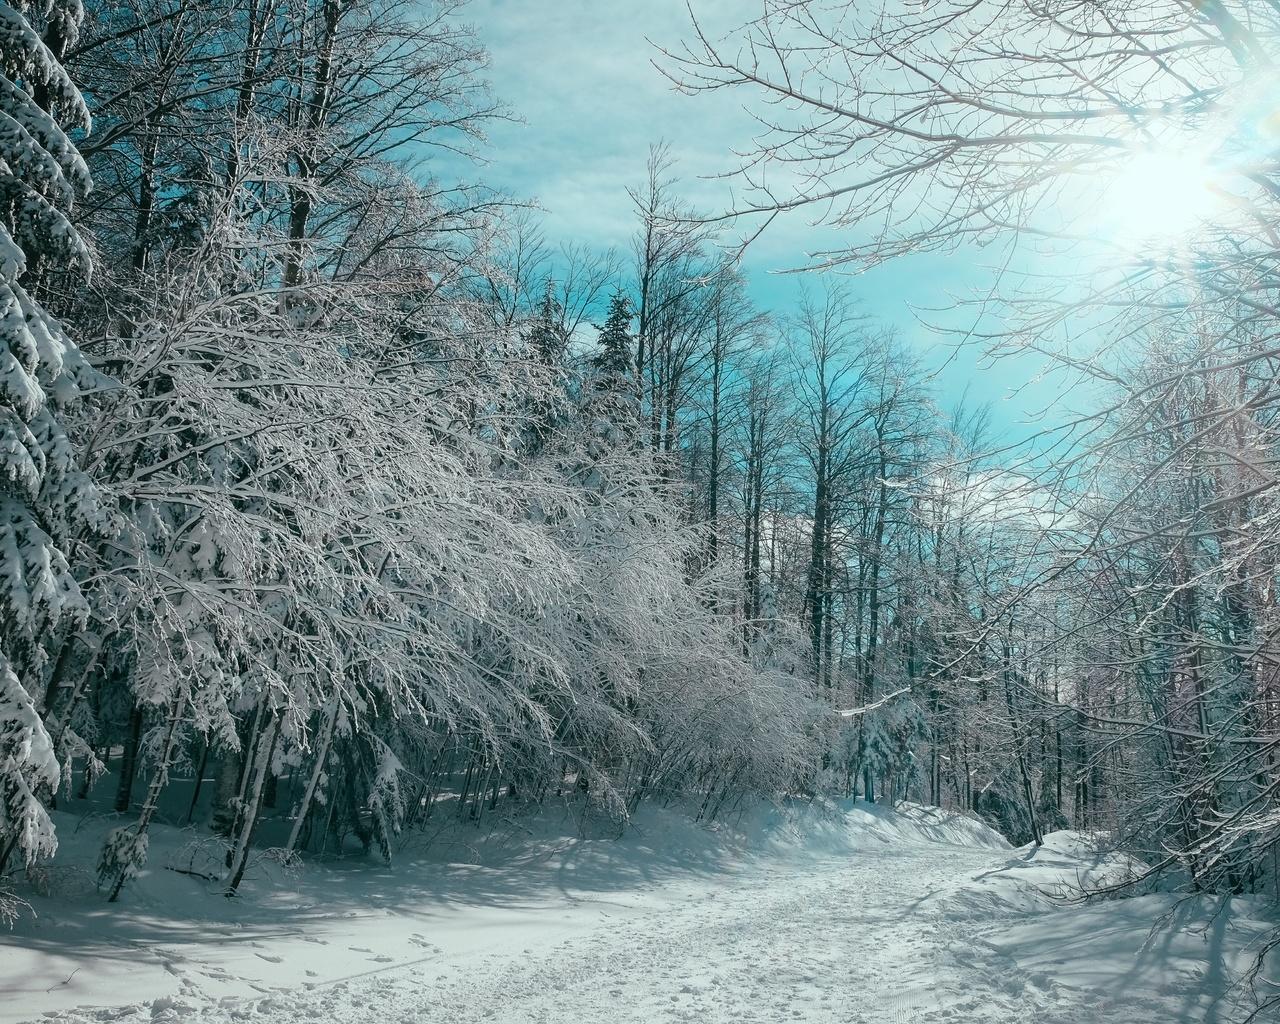 деревья, лес, небо, лучи, зима, пейзаж